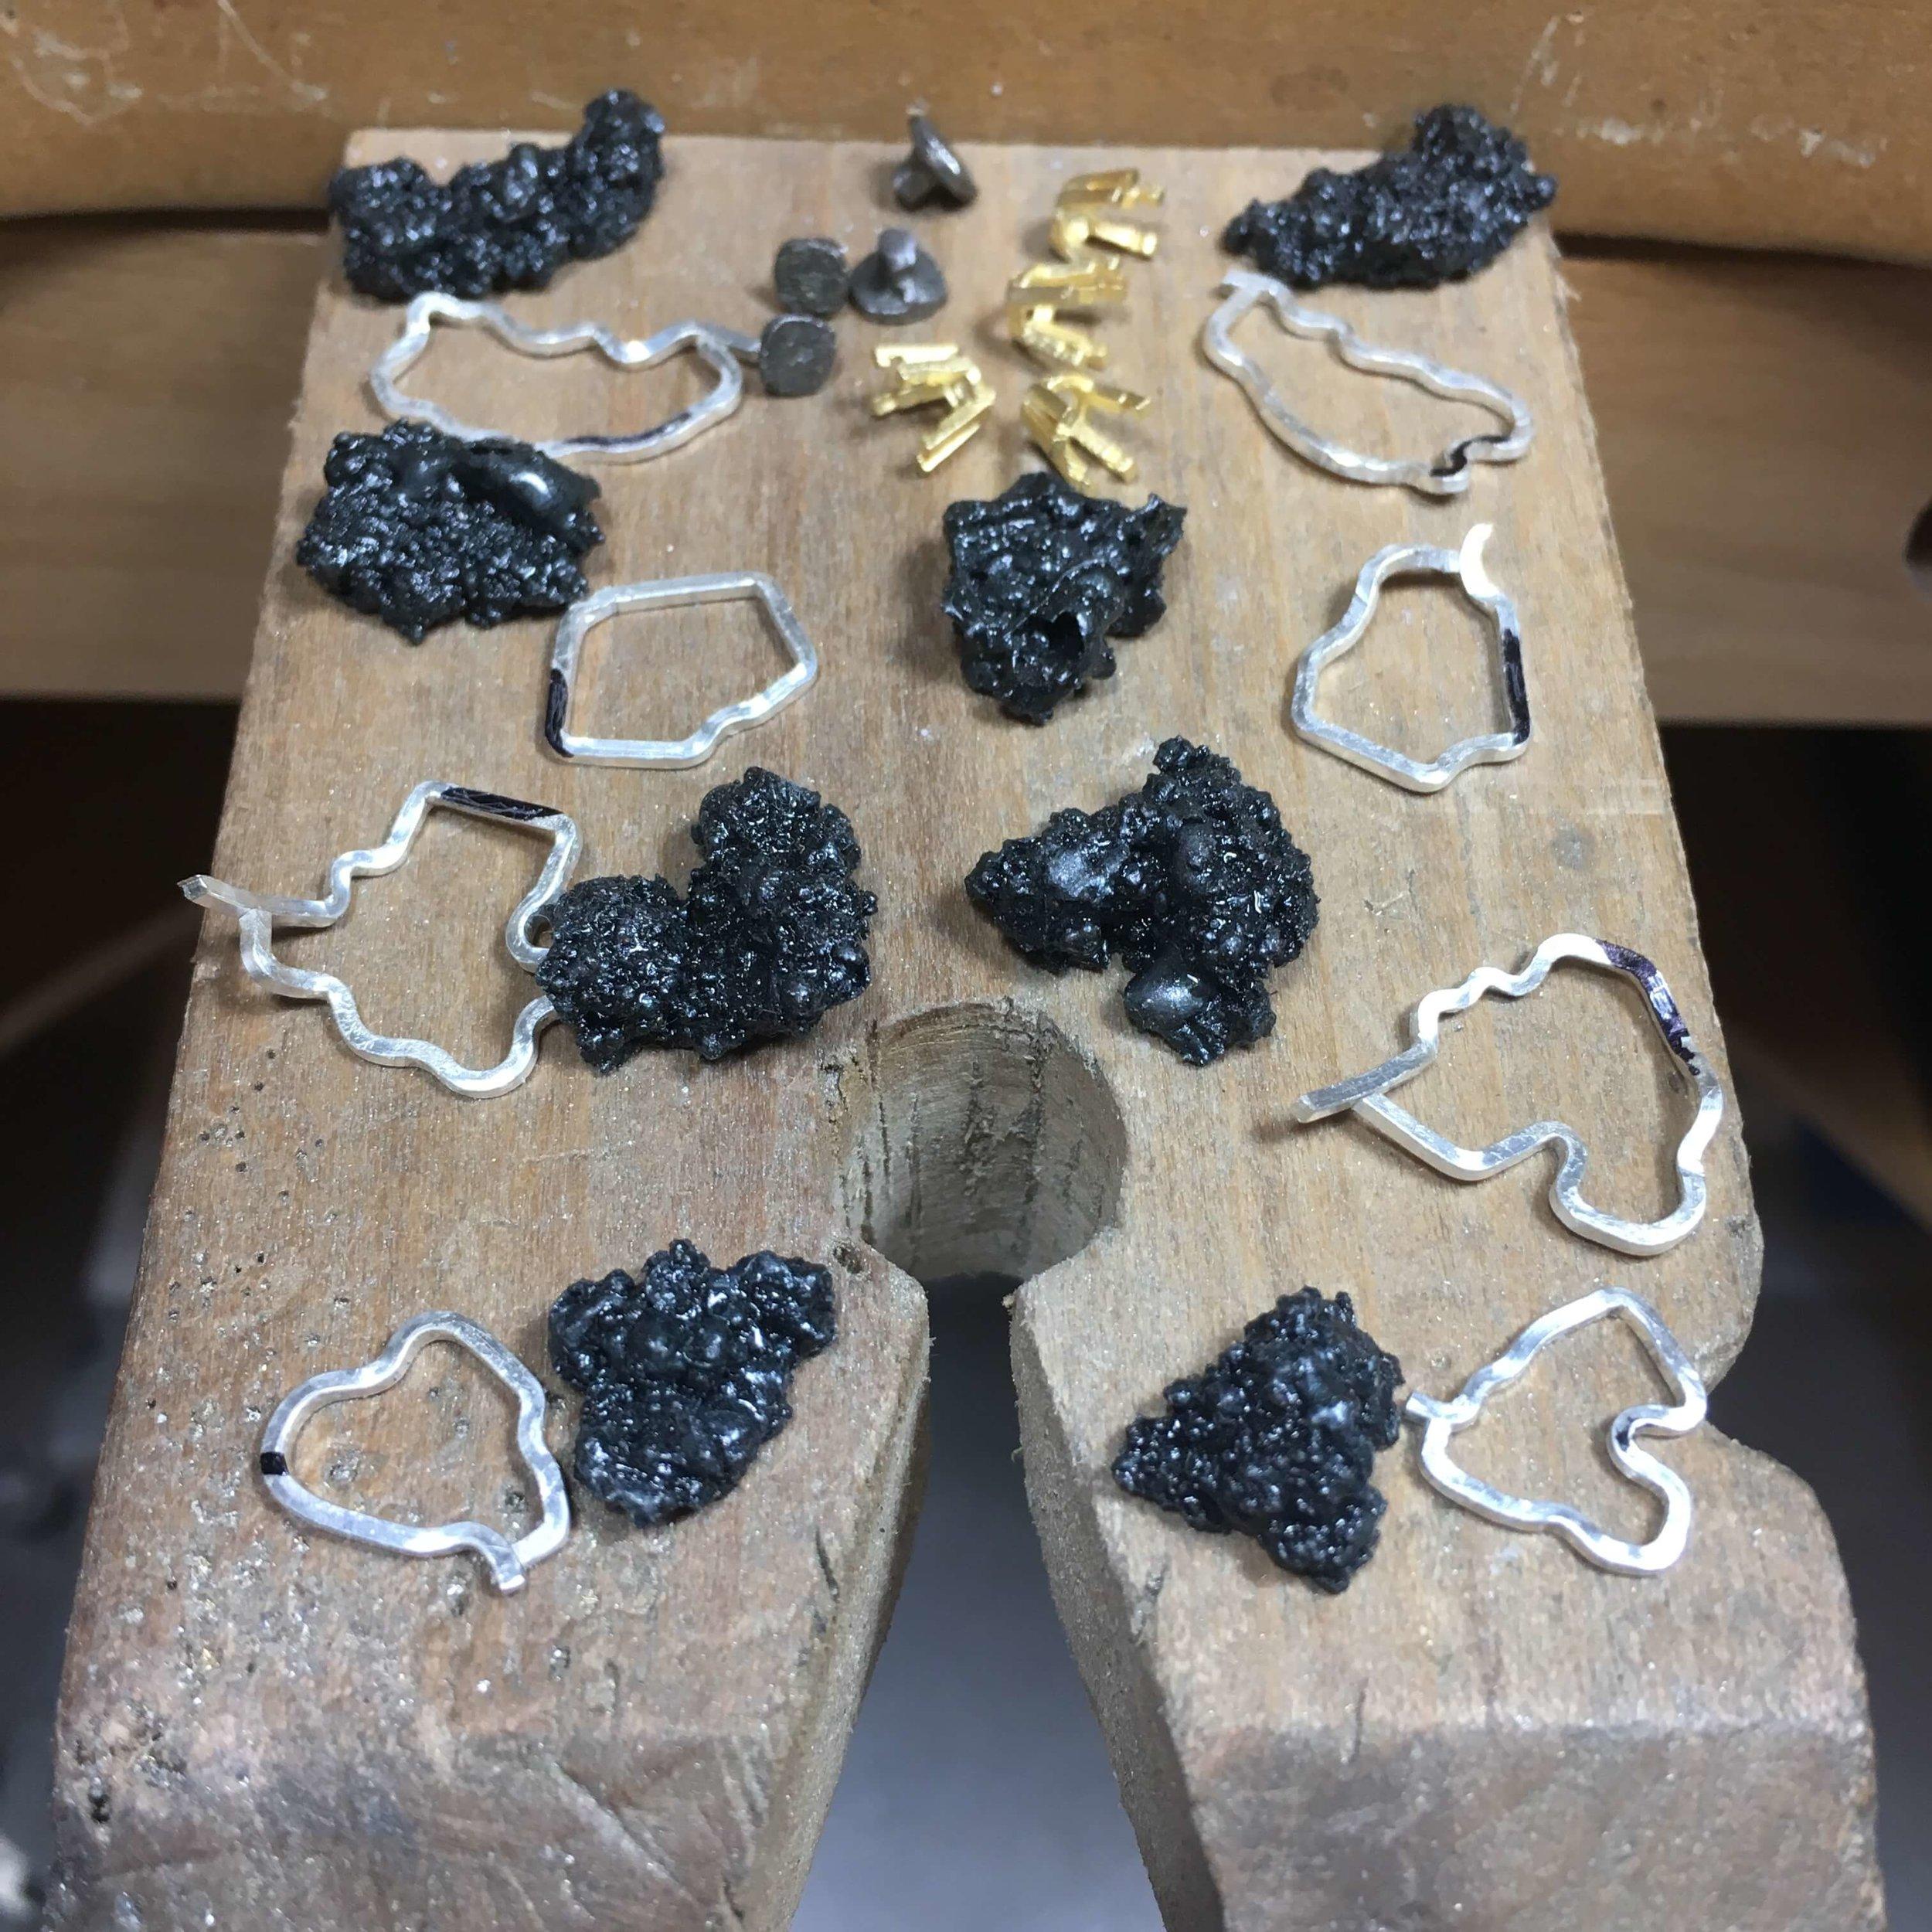 Kate Eickelberg | Steel Splatter Jewelry In Process